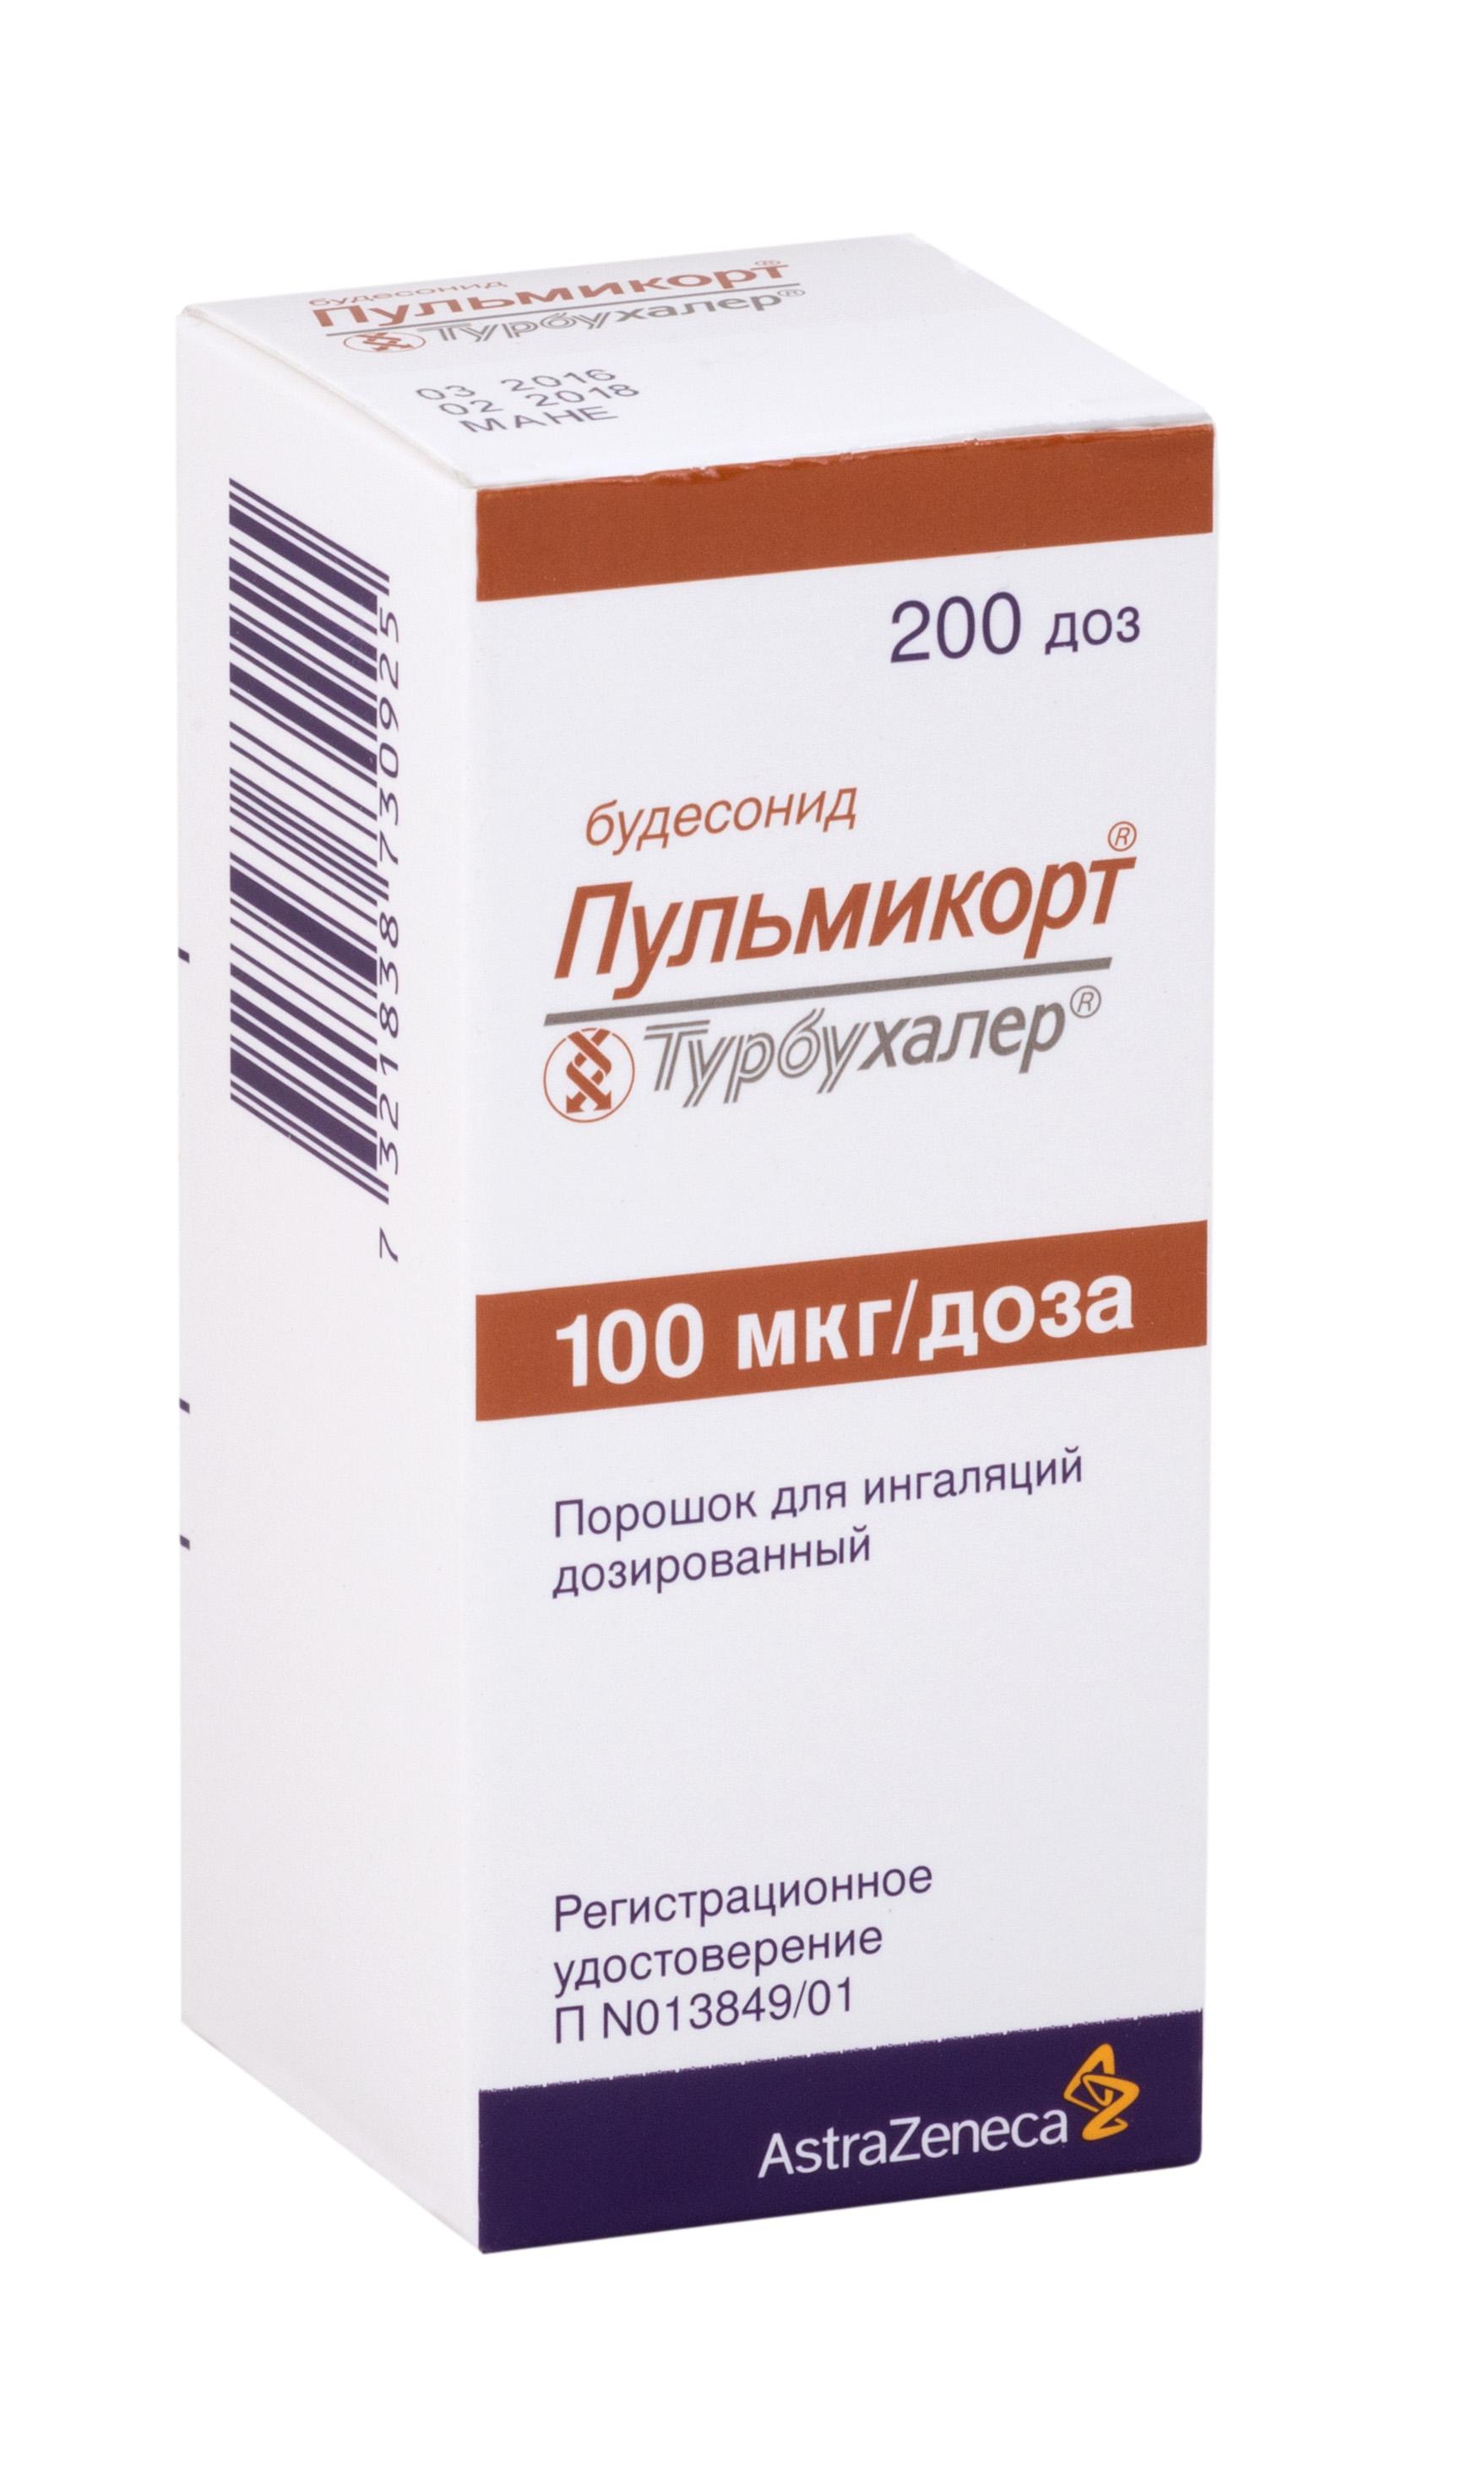 Пульмикорт турбухалер пор. д/ингал. доз. 100мкг/доза 200доз n1